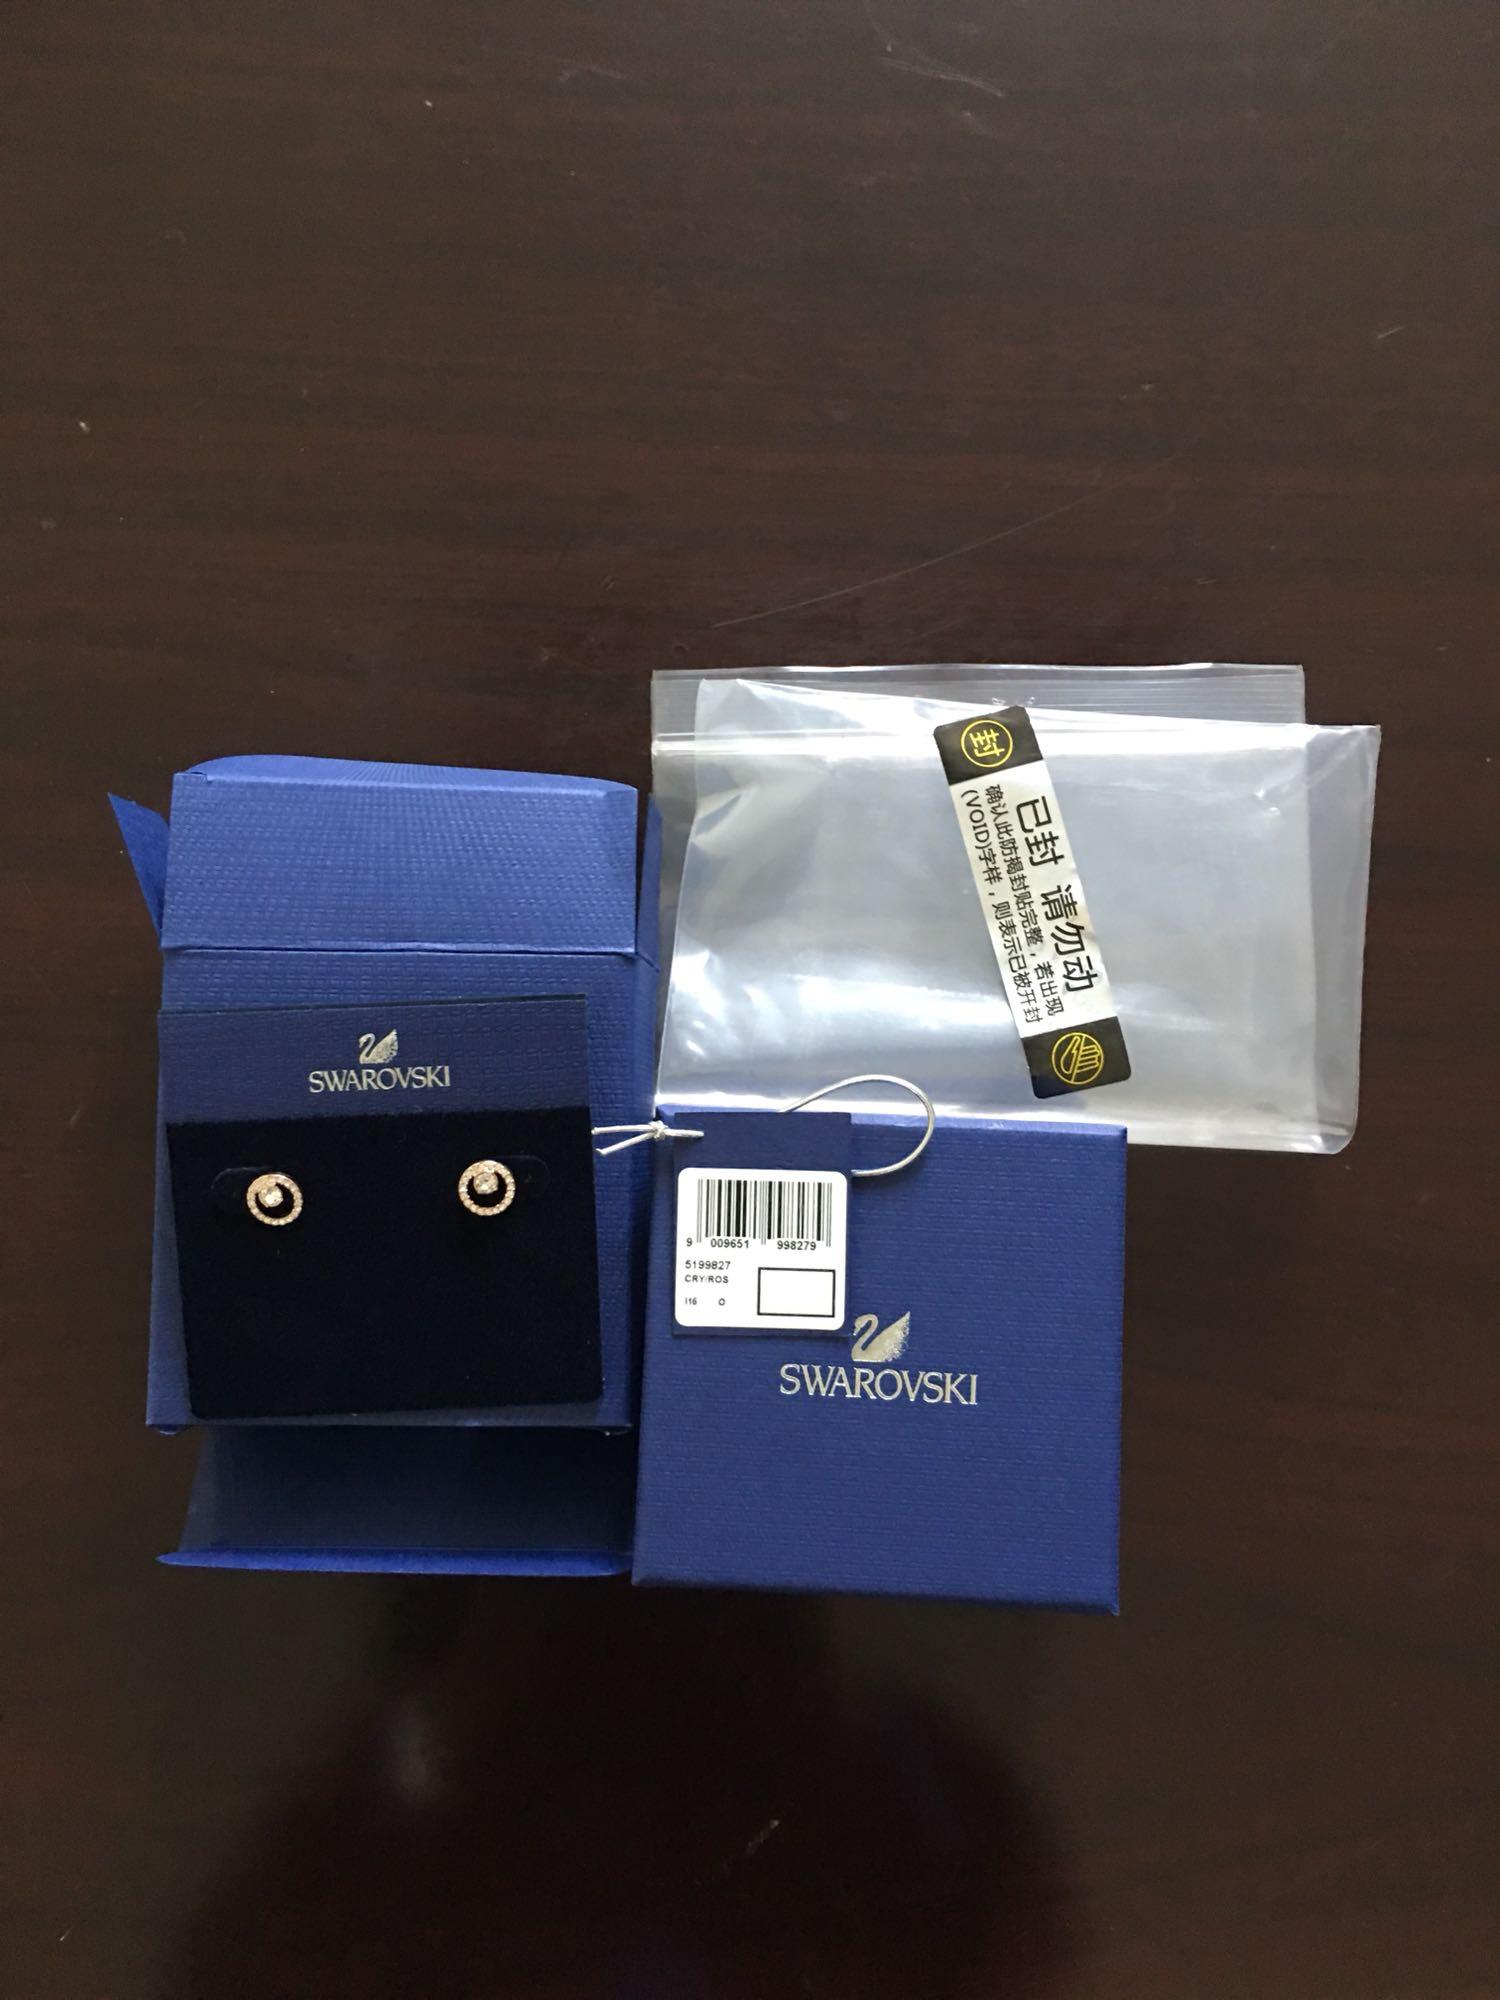 à l\'intérieur et à l\'extérieur de l\'emballage est très bien, des boucles d\'oreilles que de conception ou de couleur ont été très belle, oui. sterling silver spoon rings canada airmax97 098591 discount